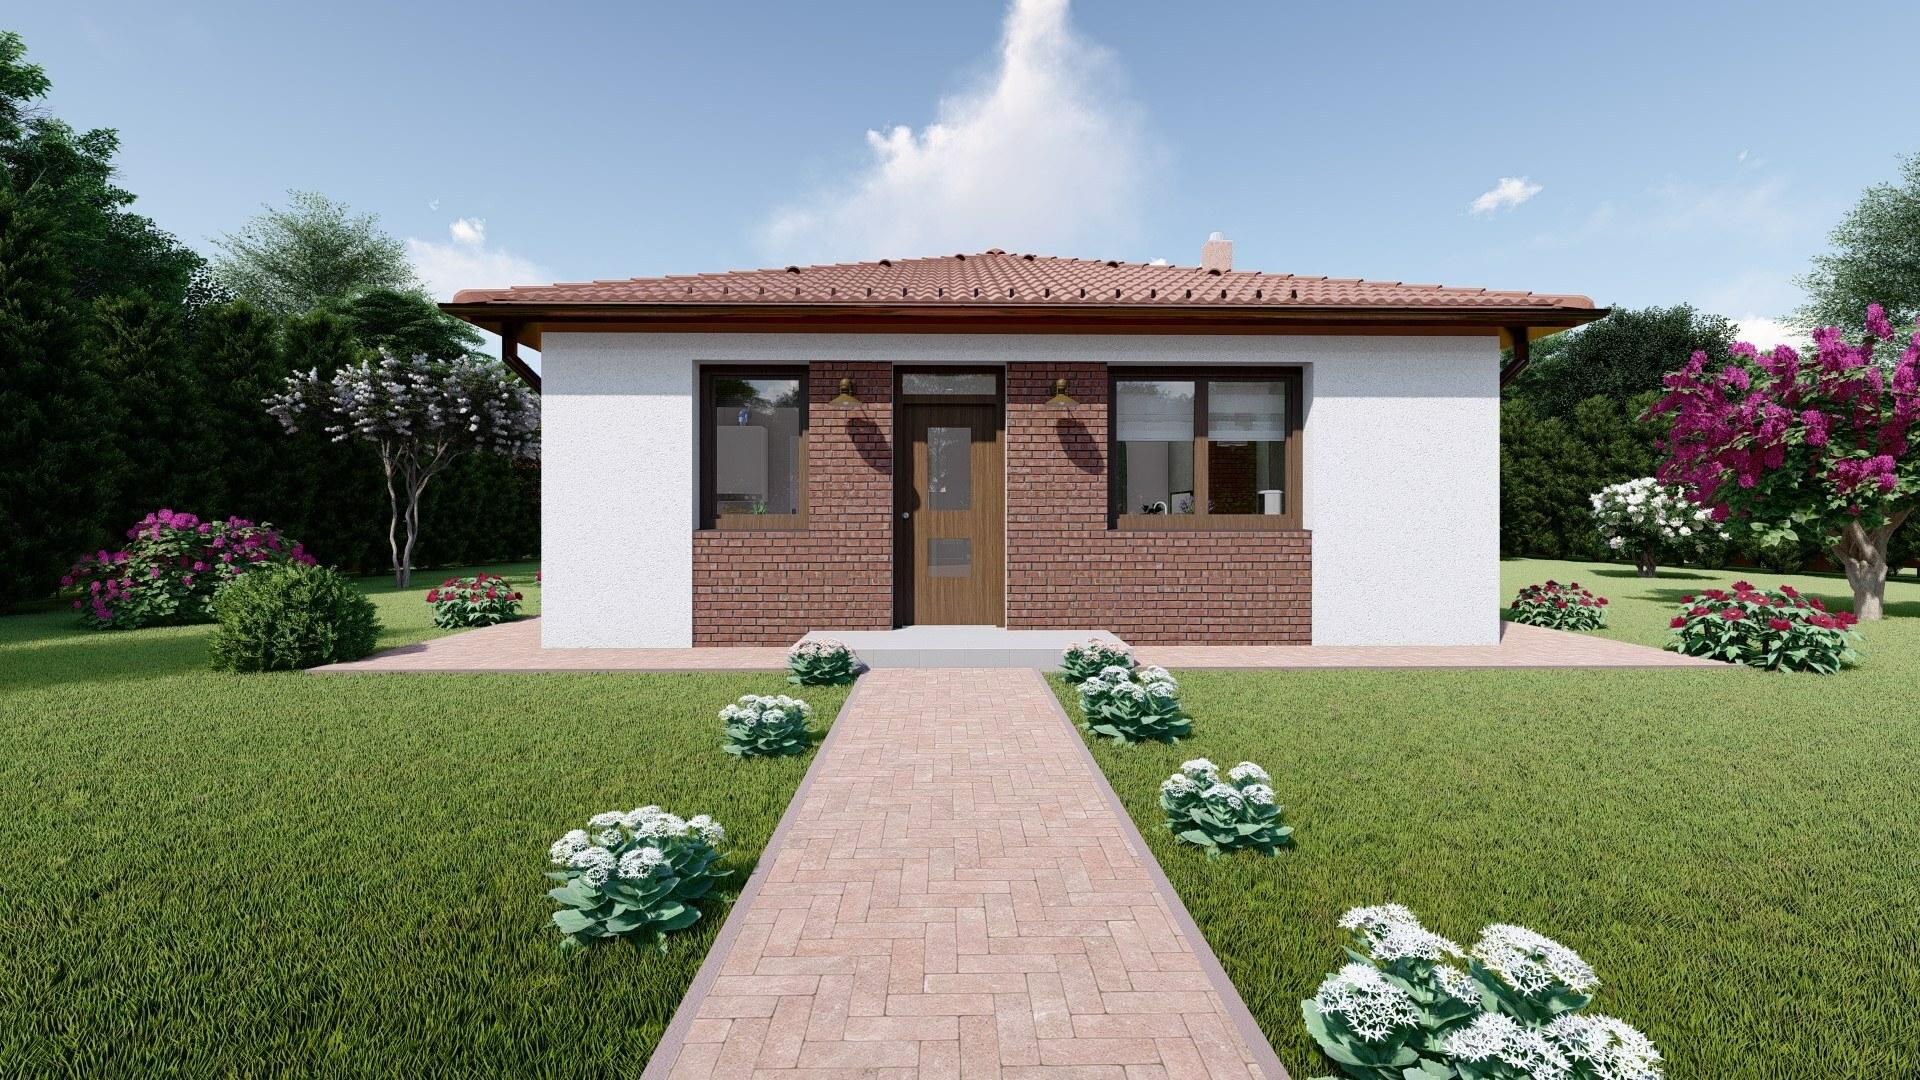 Projekt bungalov LEA 7 vizualizácia vchodu